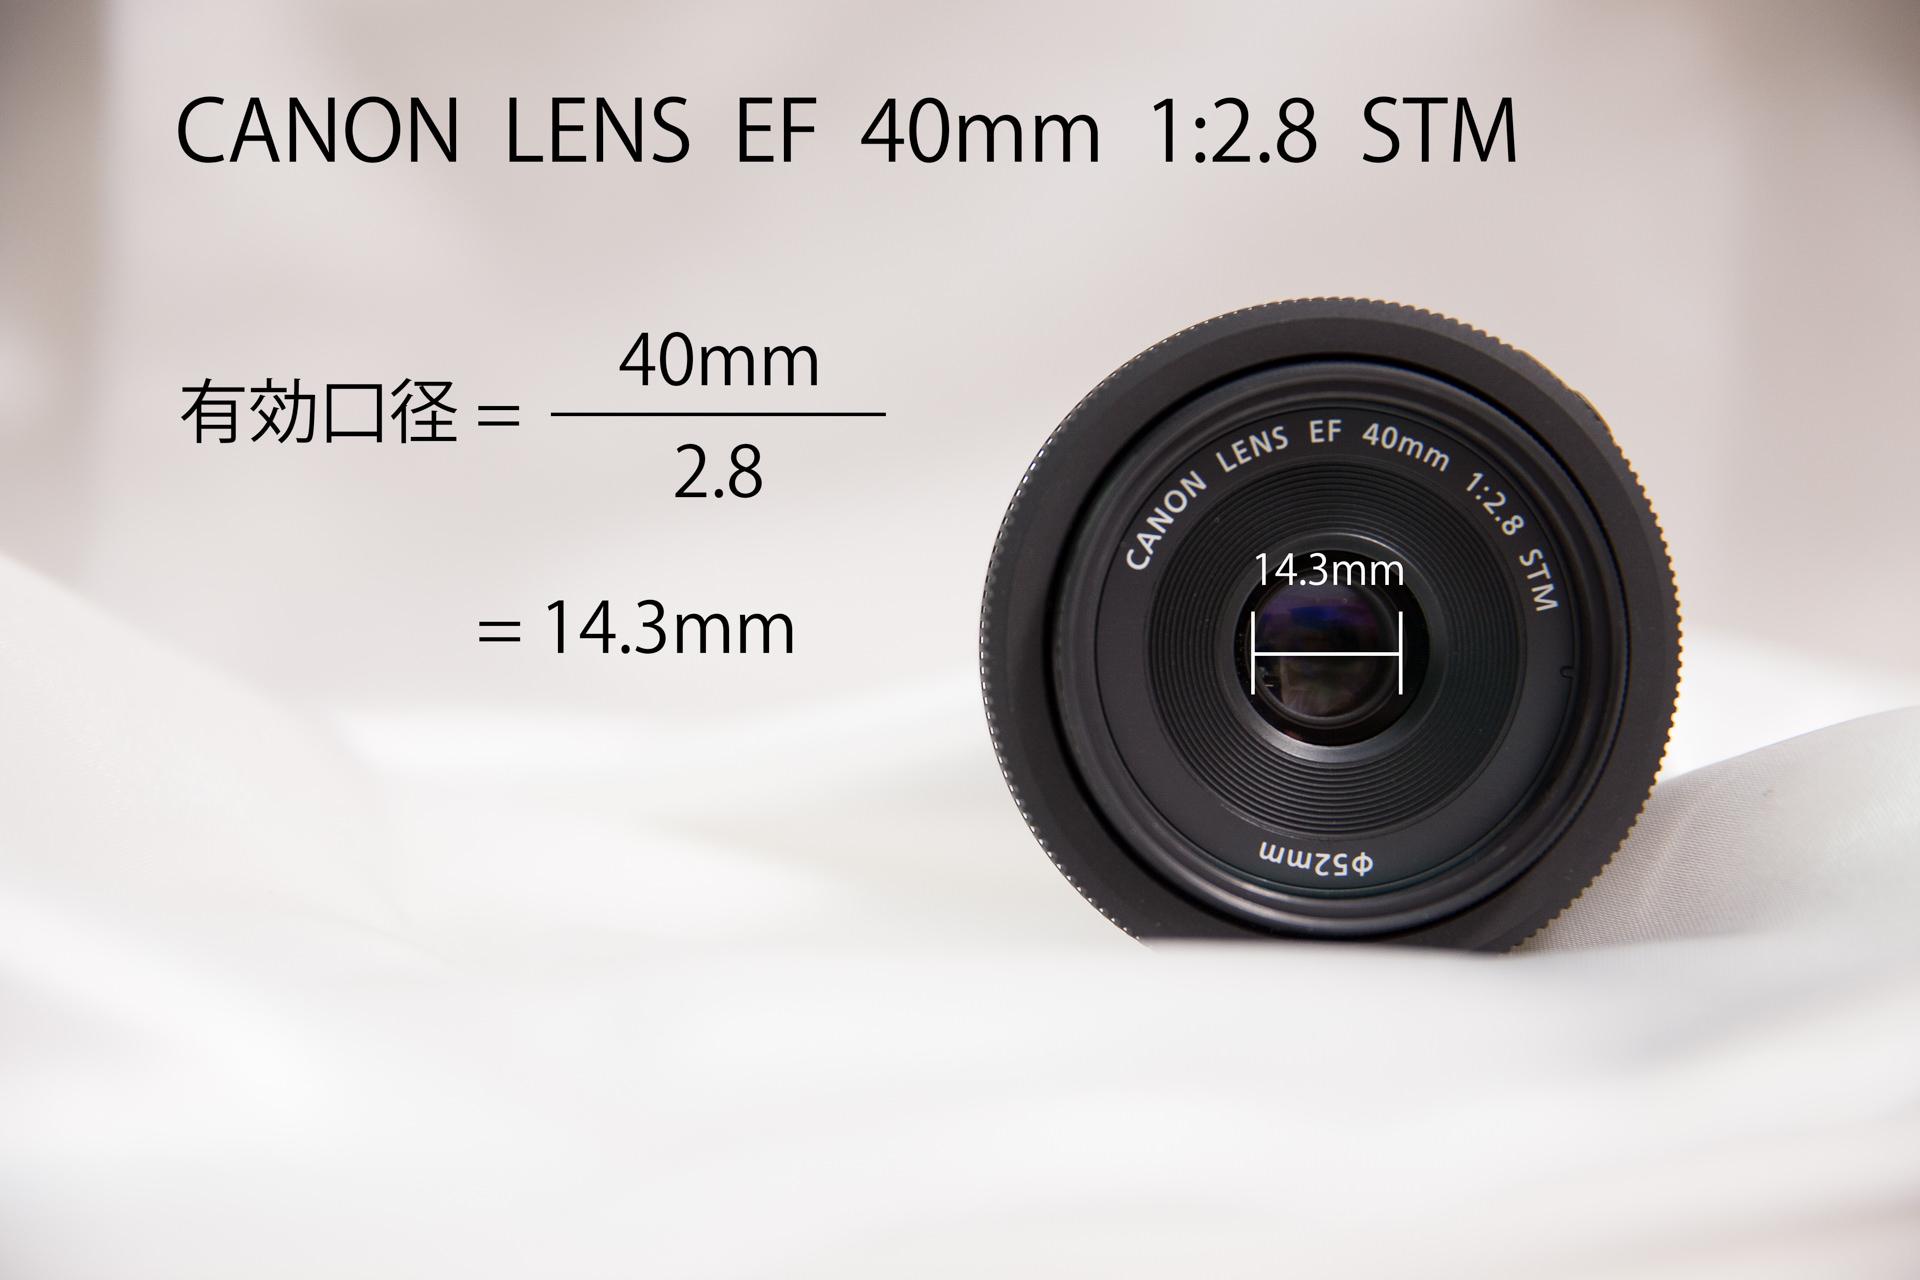 EF40mm F2.8 STMの有効口径を求める計算式